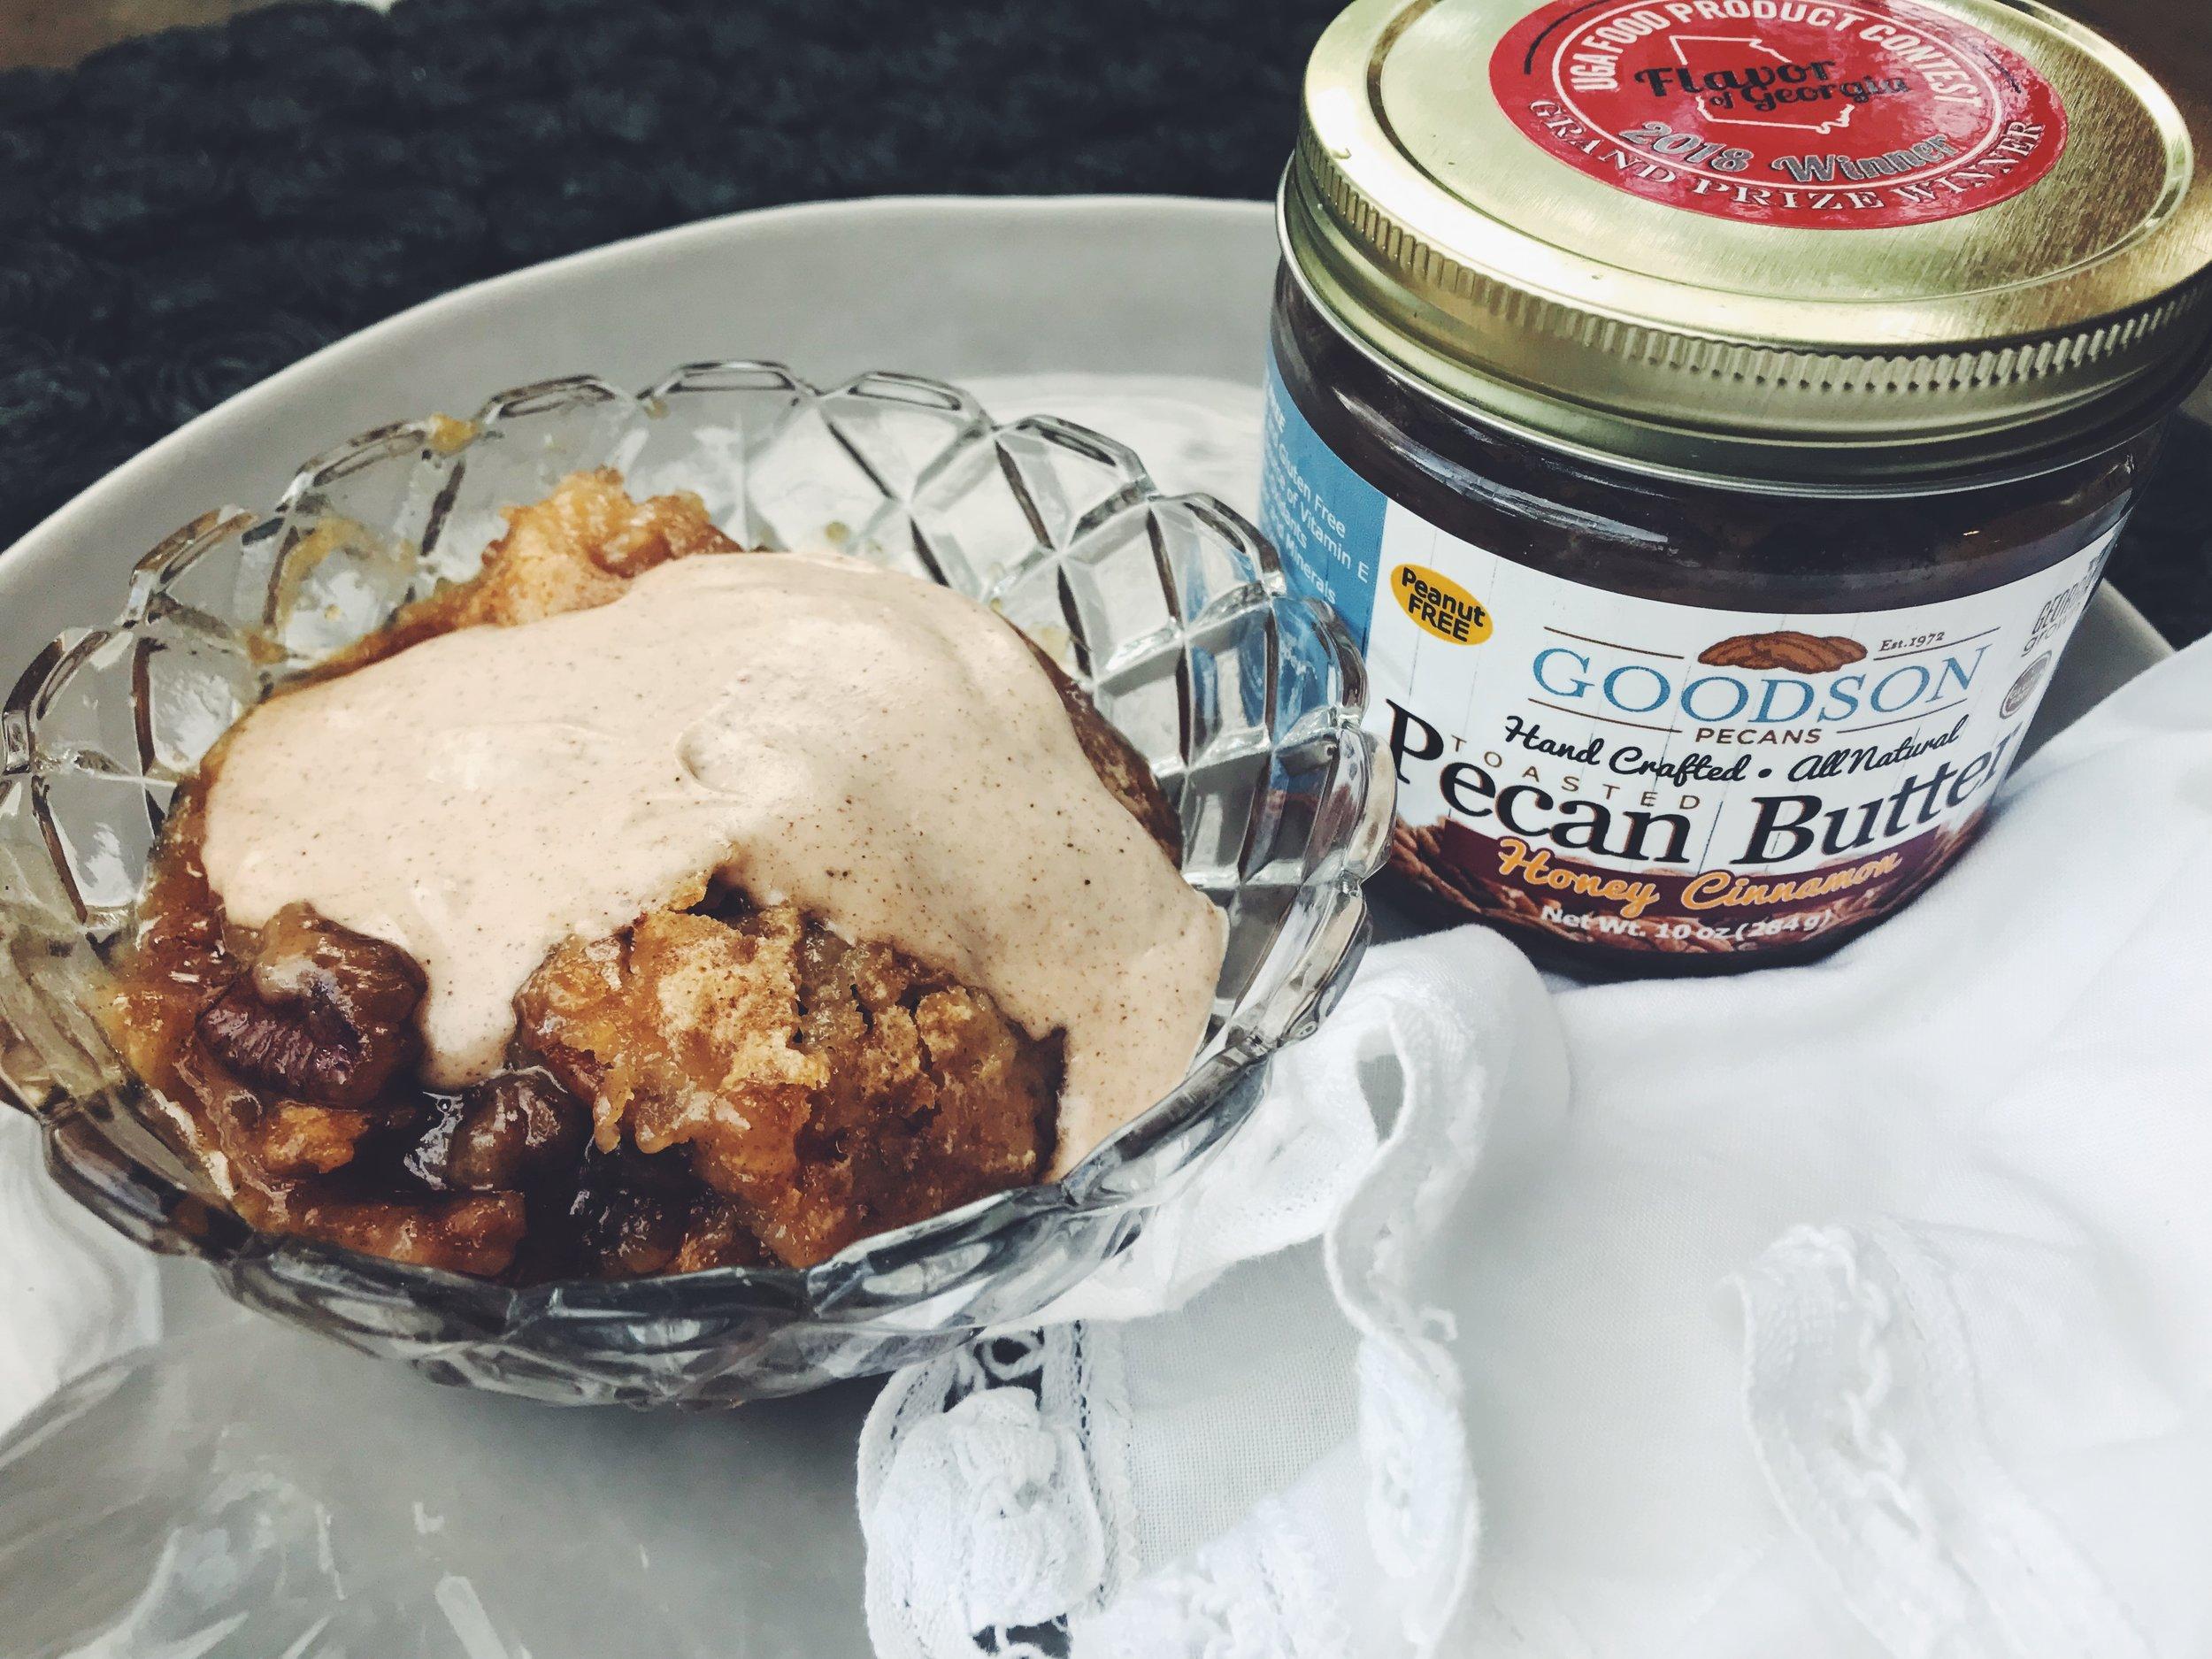 Goodson Pecans Honey Cinnamon Pecan Butter